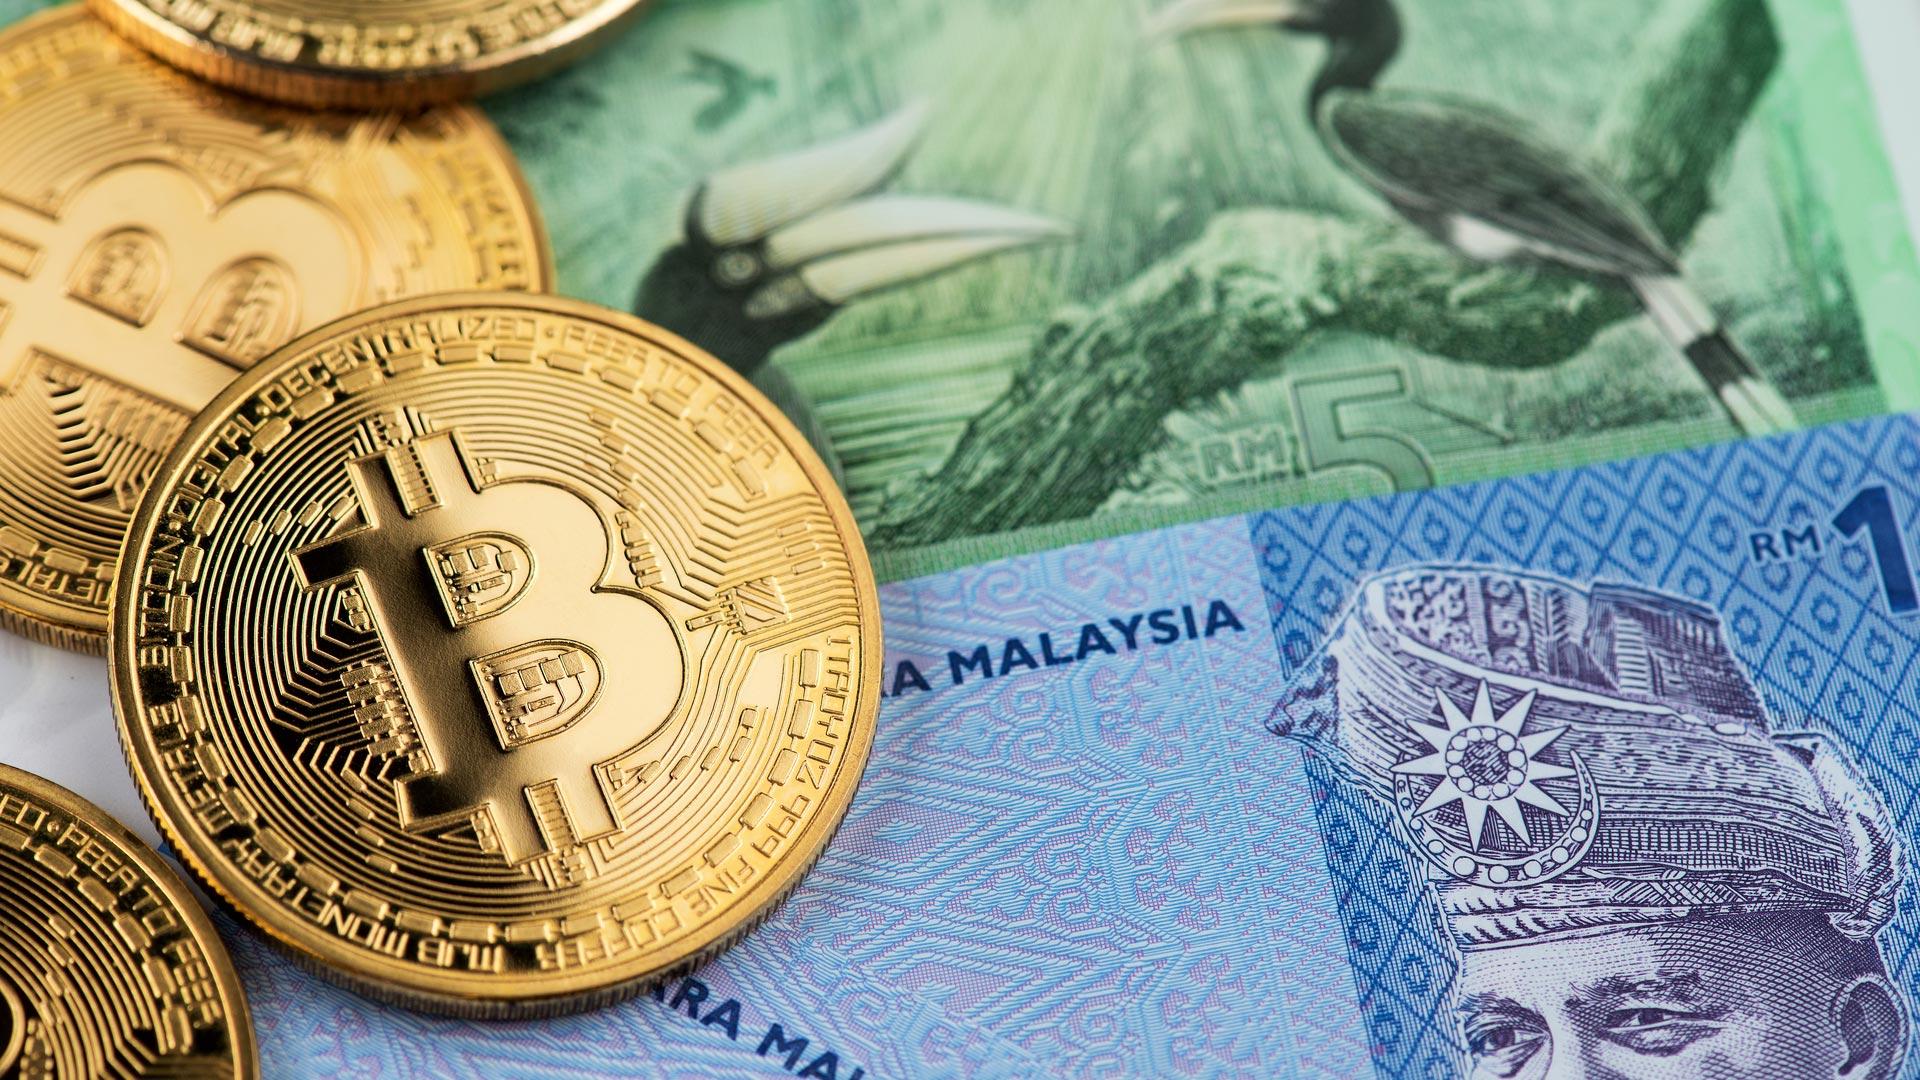 Bitcoin lagi Untung dari Emas? 10 Perkara yang Anda Perlu Tahu!